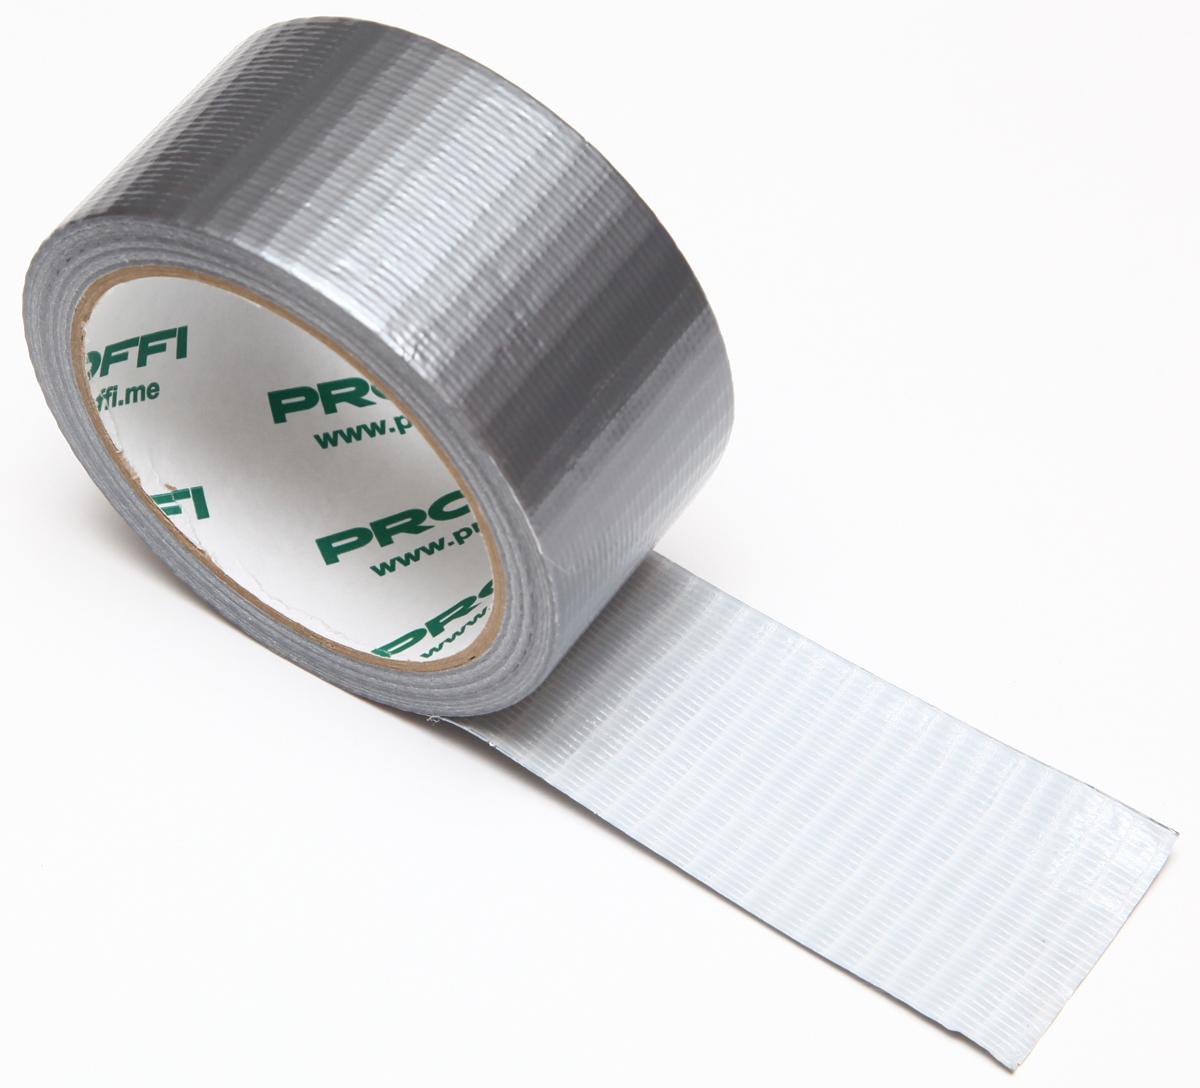 Сантехническая лента Proffi, 48 мм х 25 мPH7214Сантехническая лента Proffi 48 мм х 25 м. Адгезия к стали - не менее 6 Н/см; липкость - не менее 7 Н/см; температура применения - +5 …+45 (+/-5) °C; температура эксплуатации - -25 …+75 (+/-5) °C; прочность на разрыв - 40 Н/см.